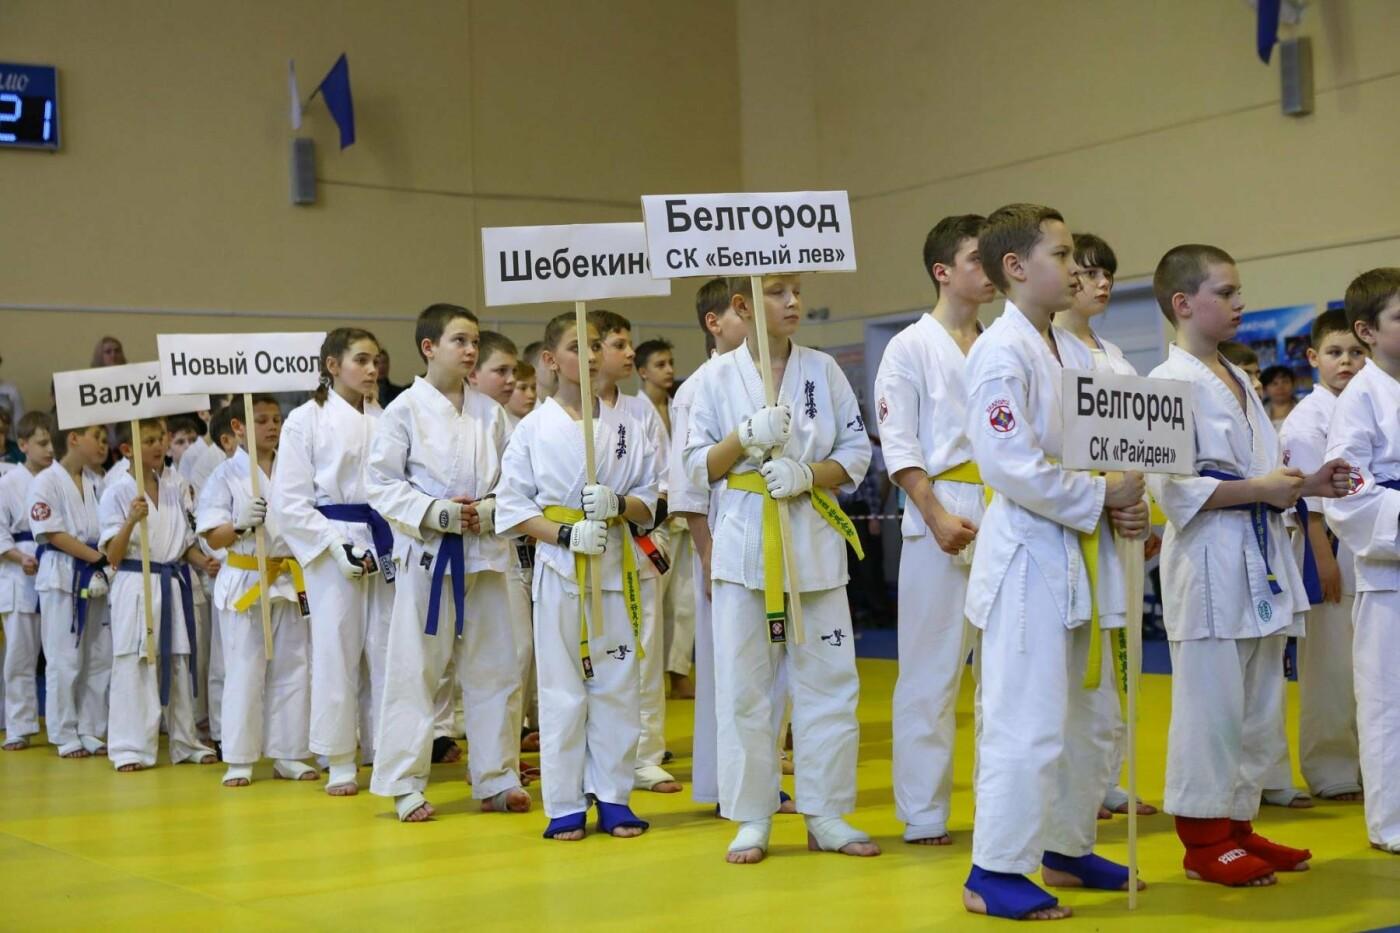 Белгородцы взяли главный кубок в межрегиональном турнире по карате, фото-12